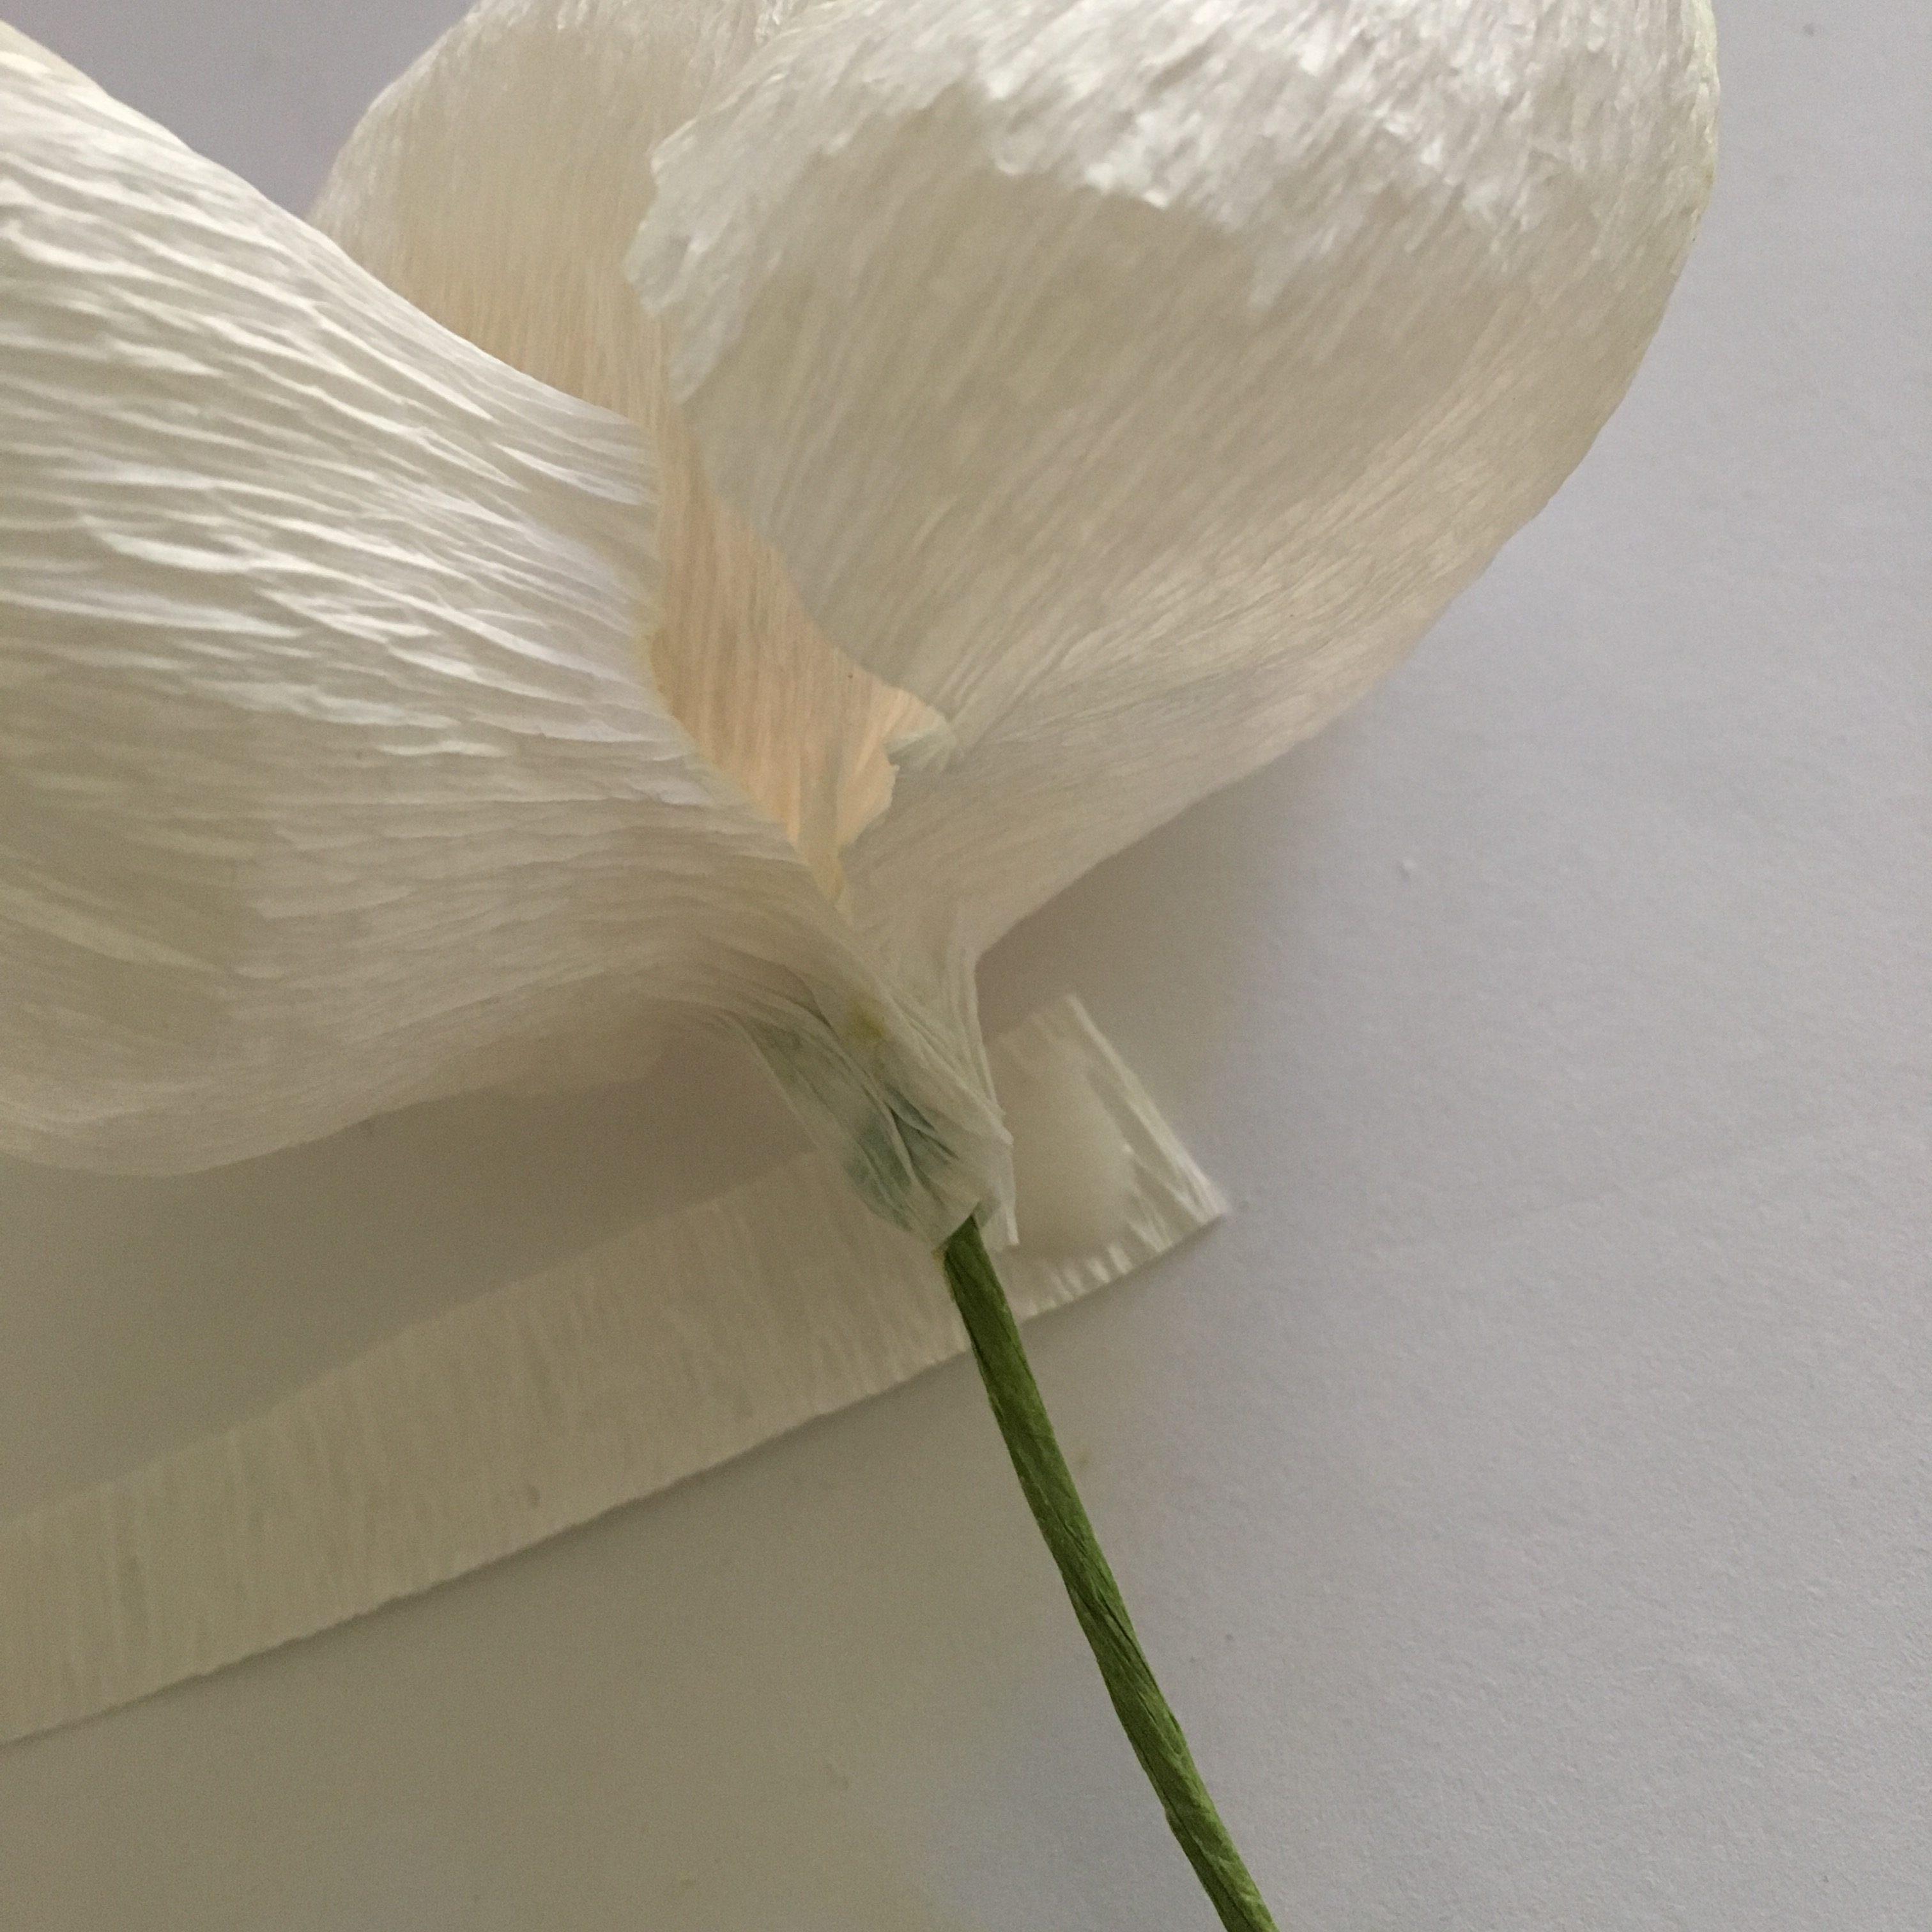 Iceland poppy flower -fixing the stem